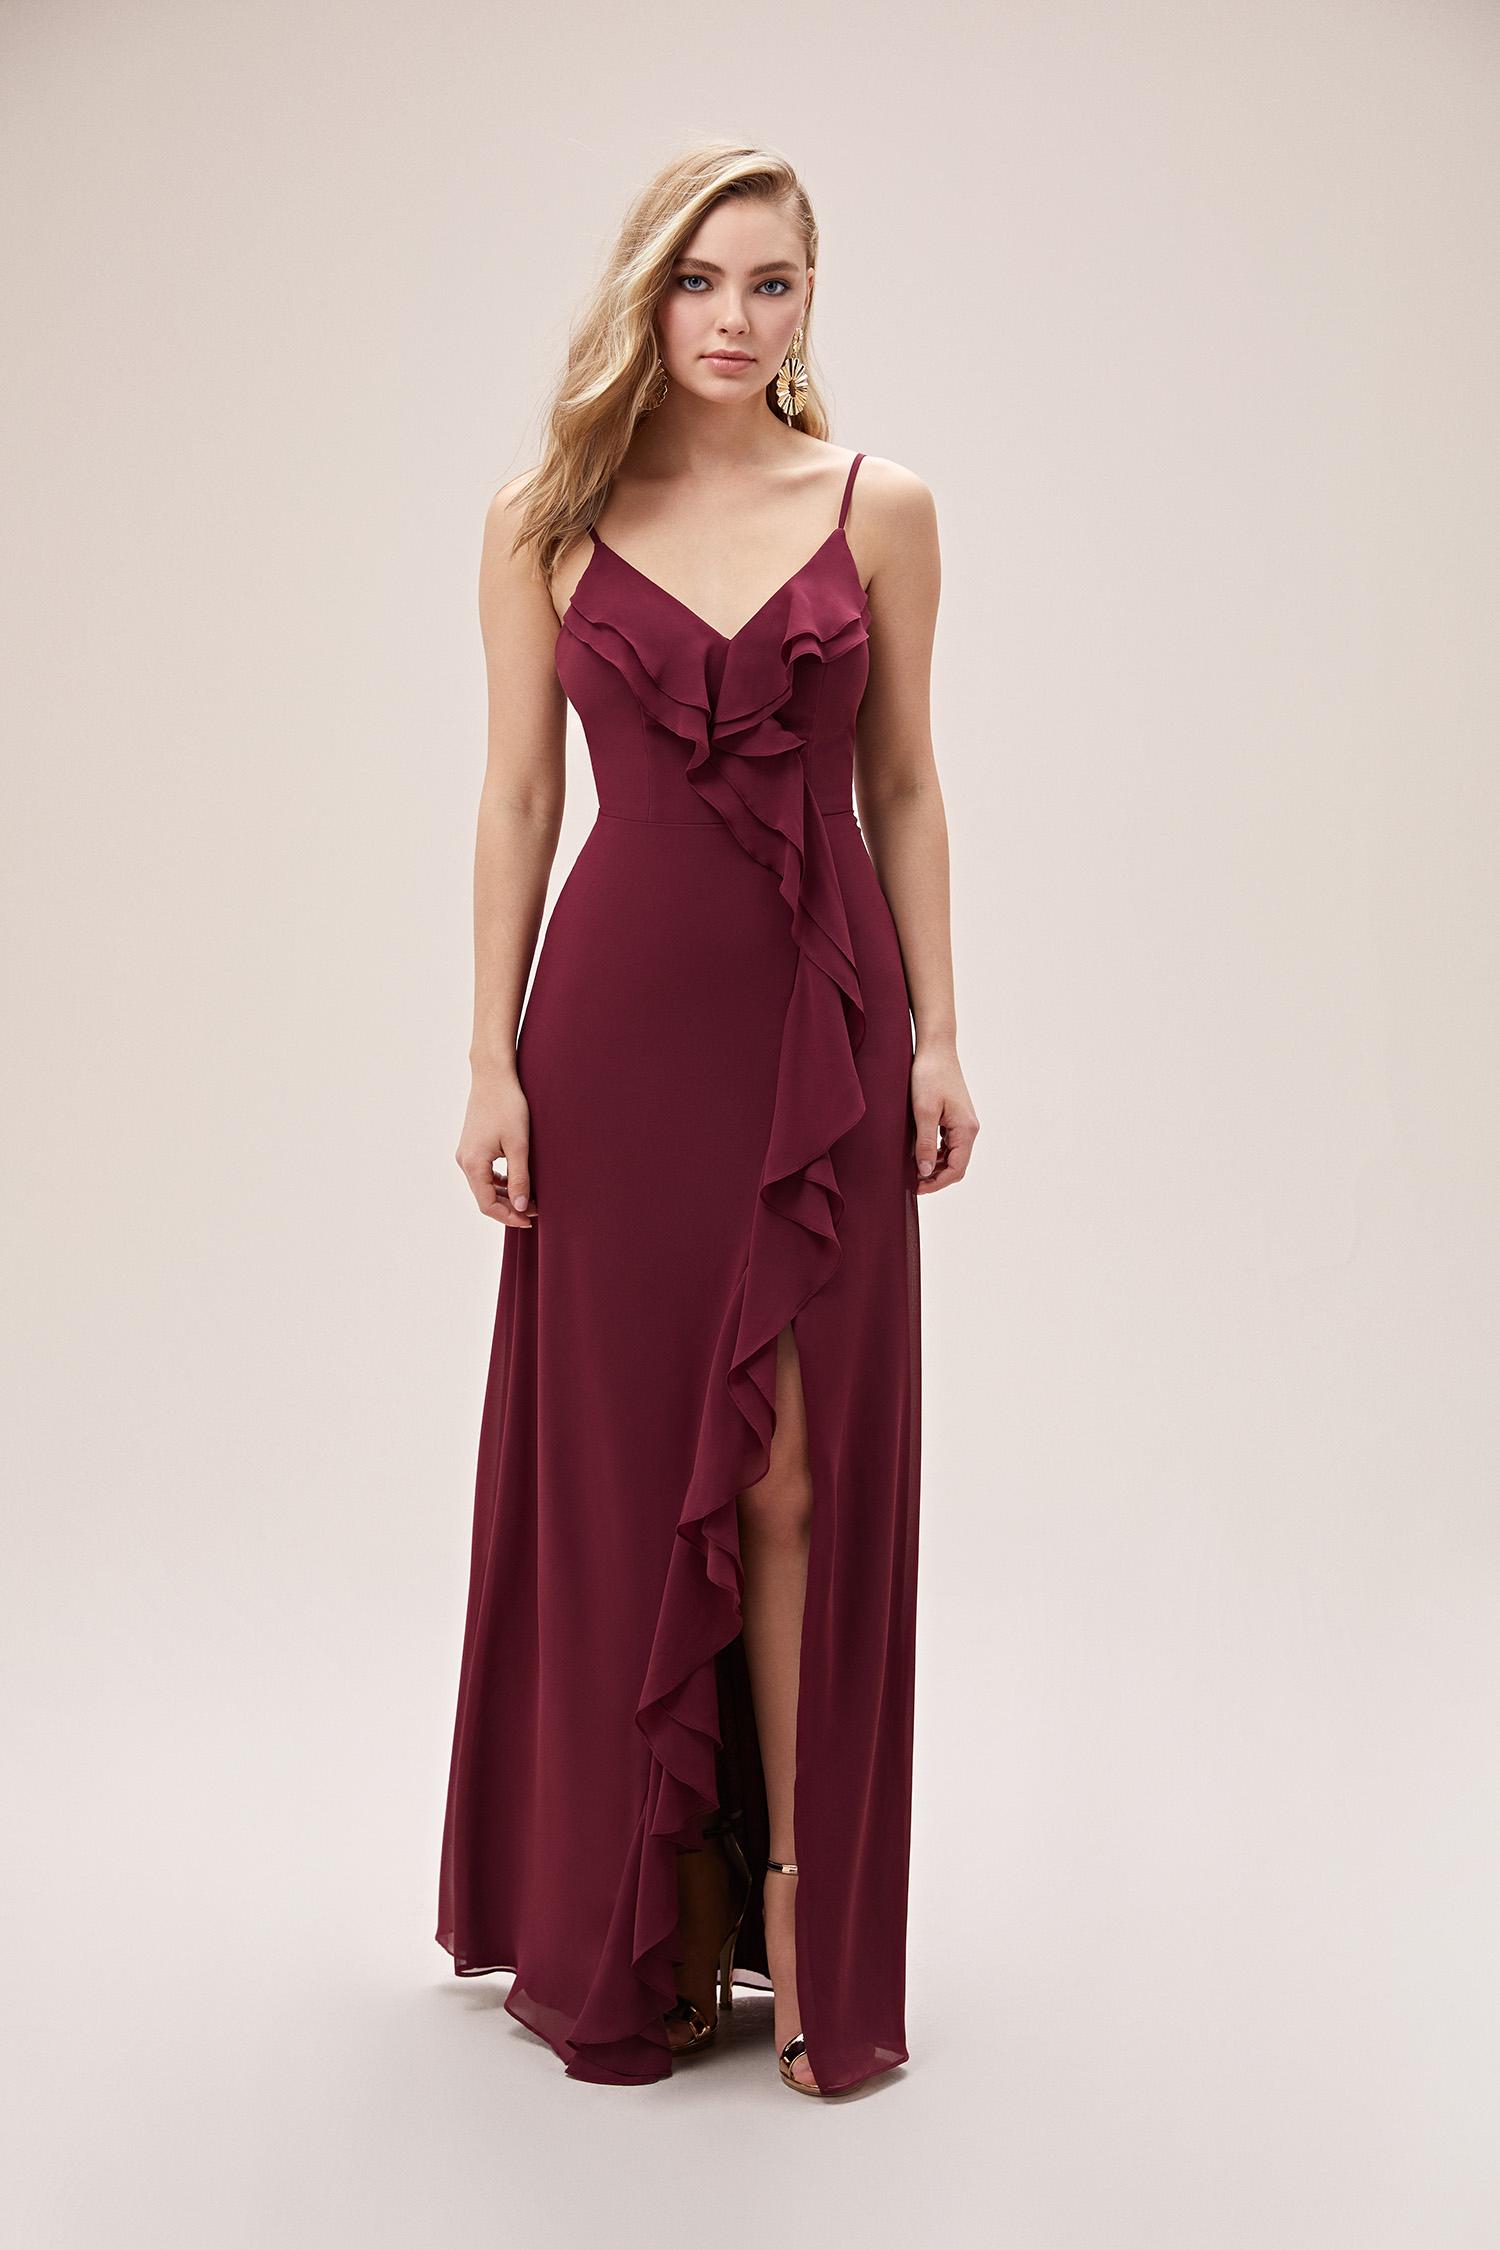 Şarap Rengi Farbalalı Şifon Yırtmaçlı Abiye Elbise - Thumbnail